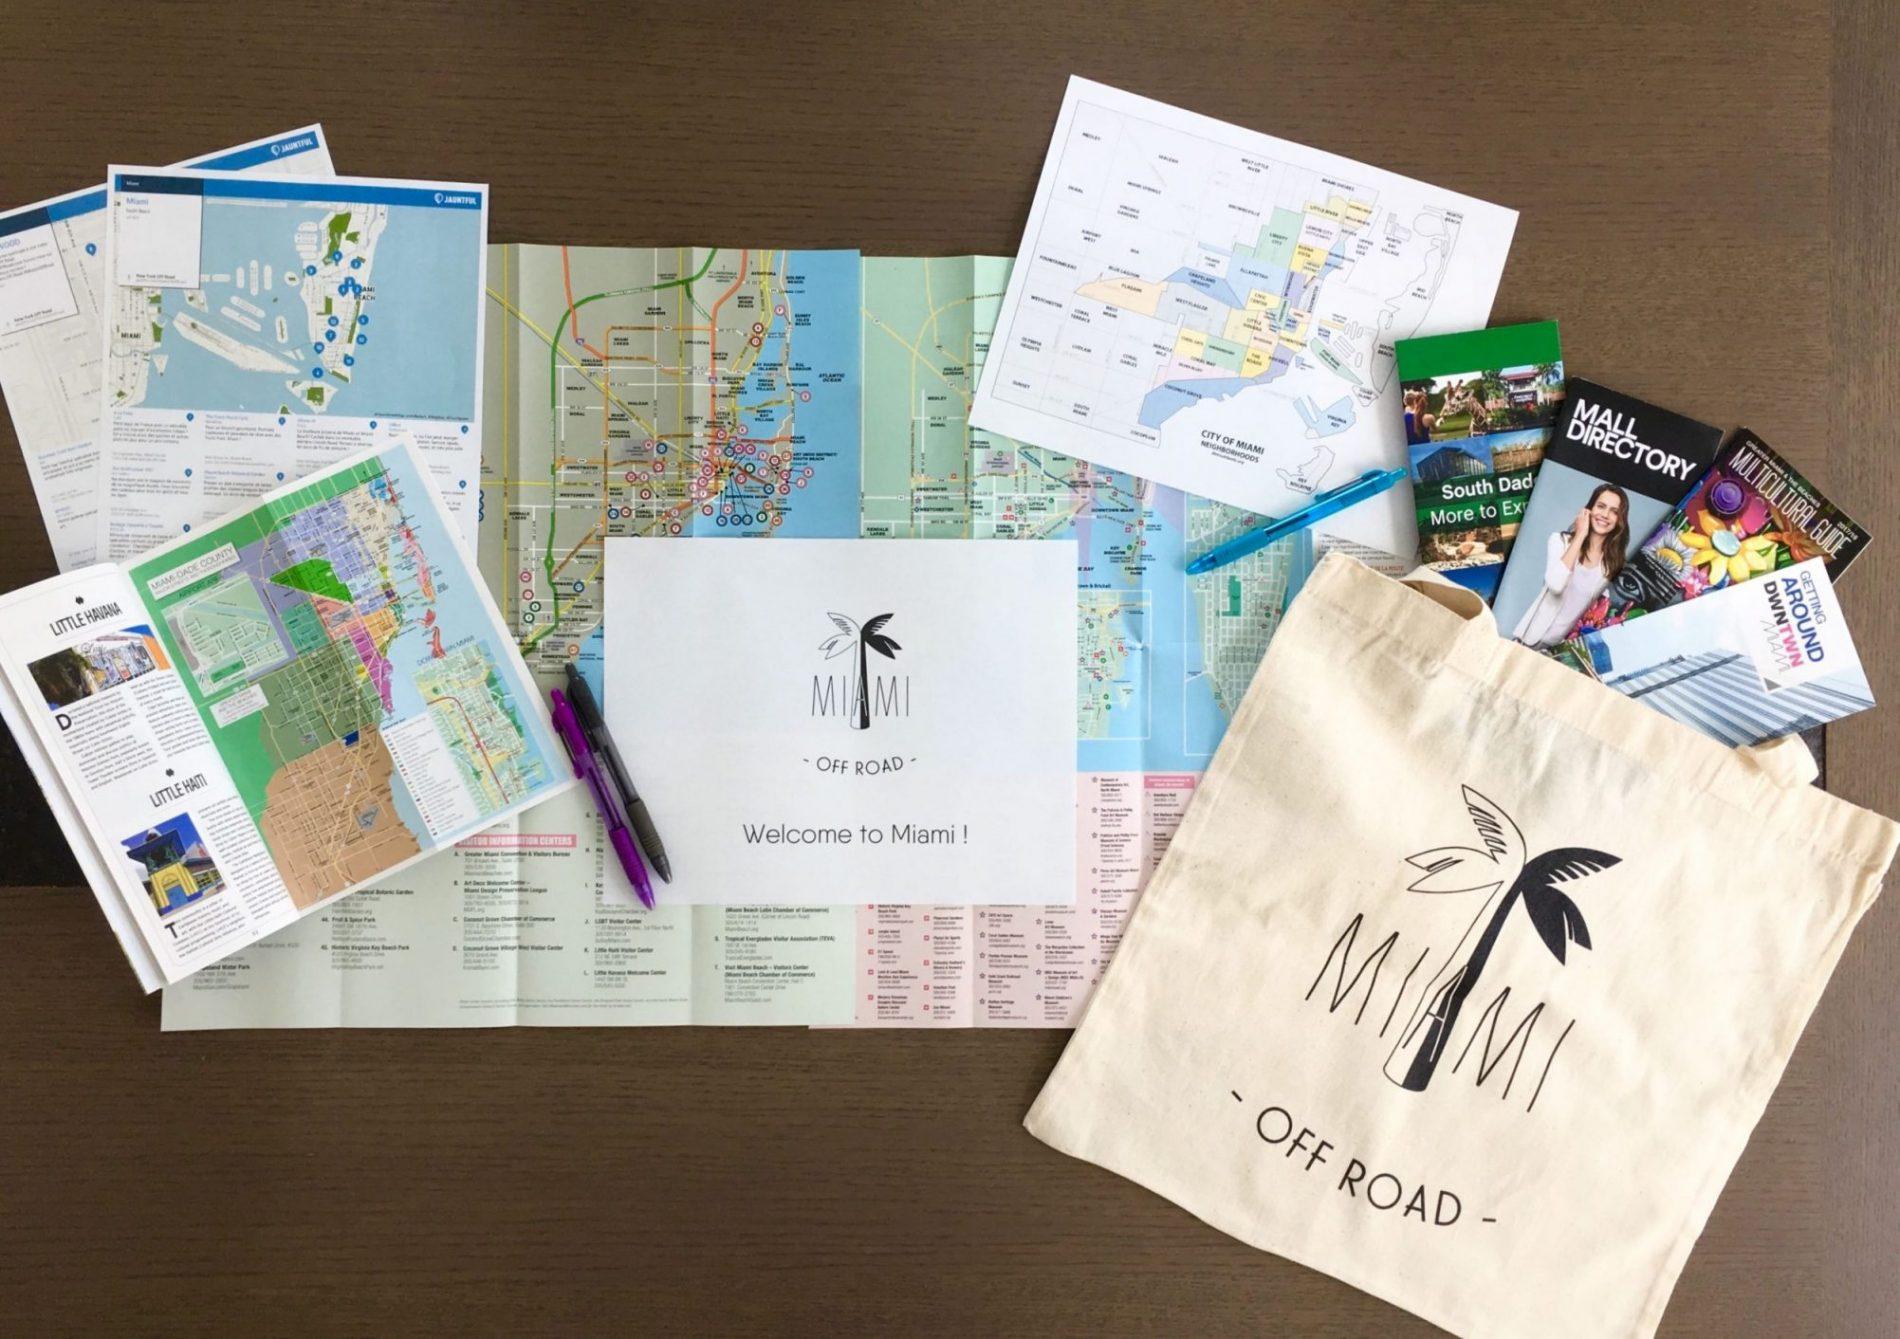 préparation de votre séjour cartes plans tote bag welcome to Miami bienvenue à Miami accompagnement à l'arrivée à miami démarrer du bon pied à miami accueil personnalisé à miami miami off road